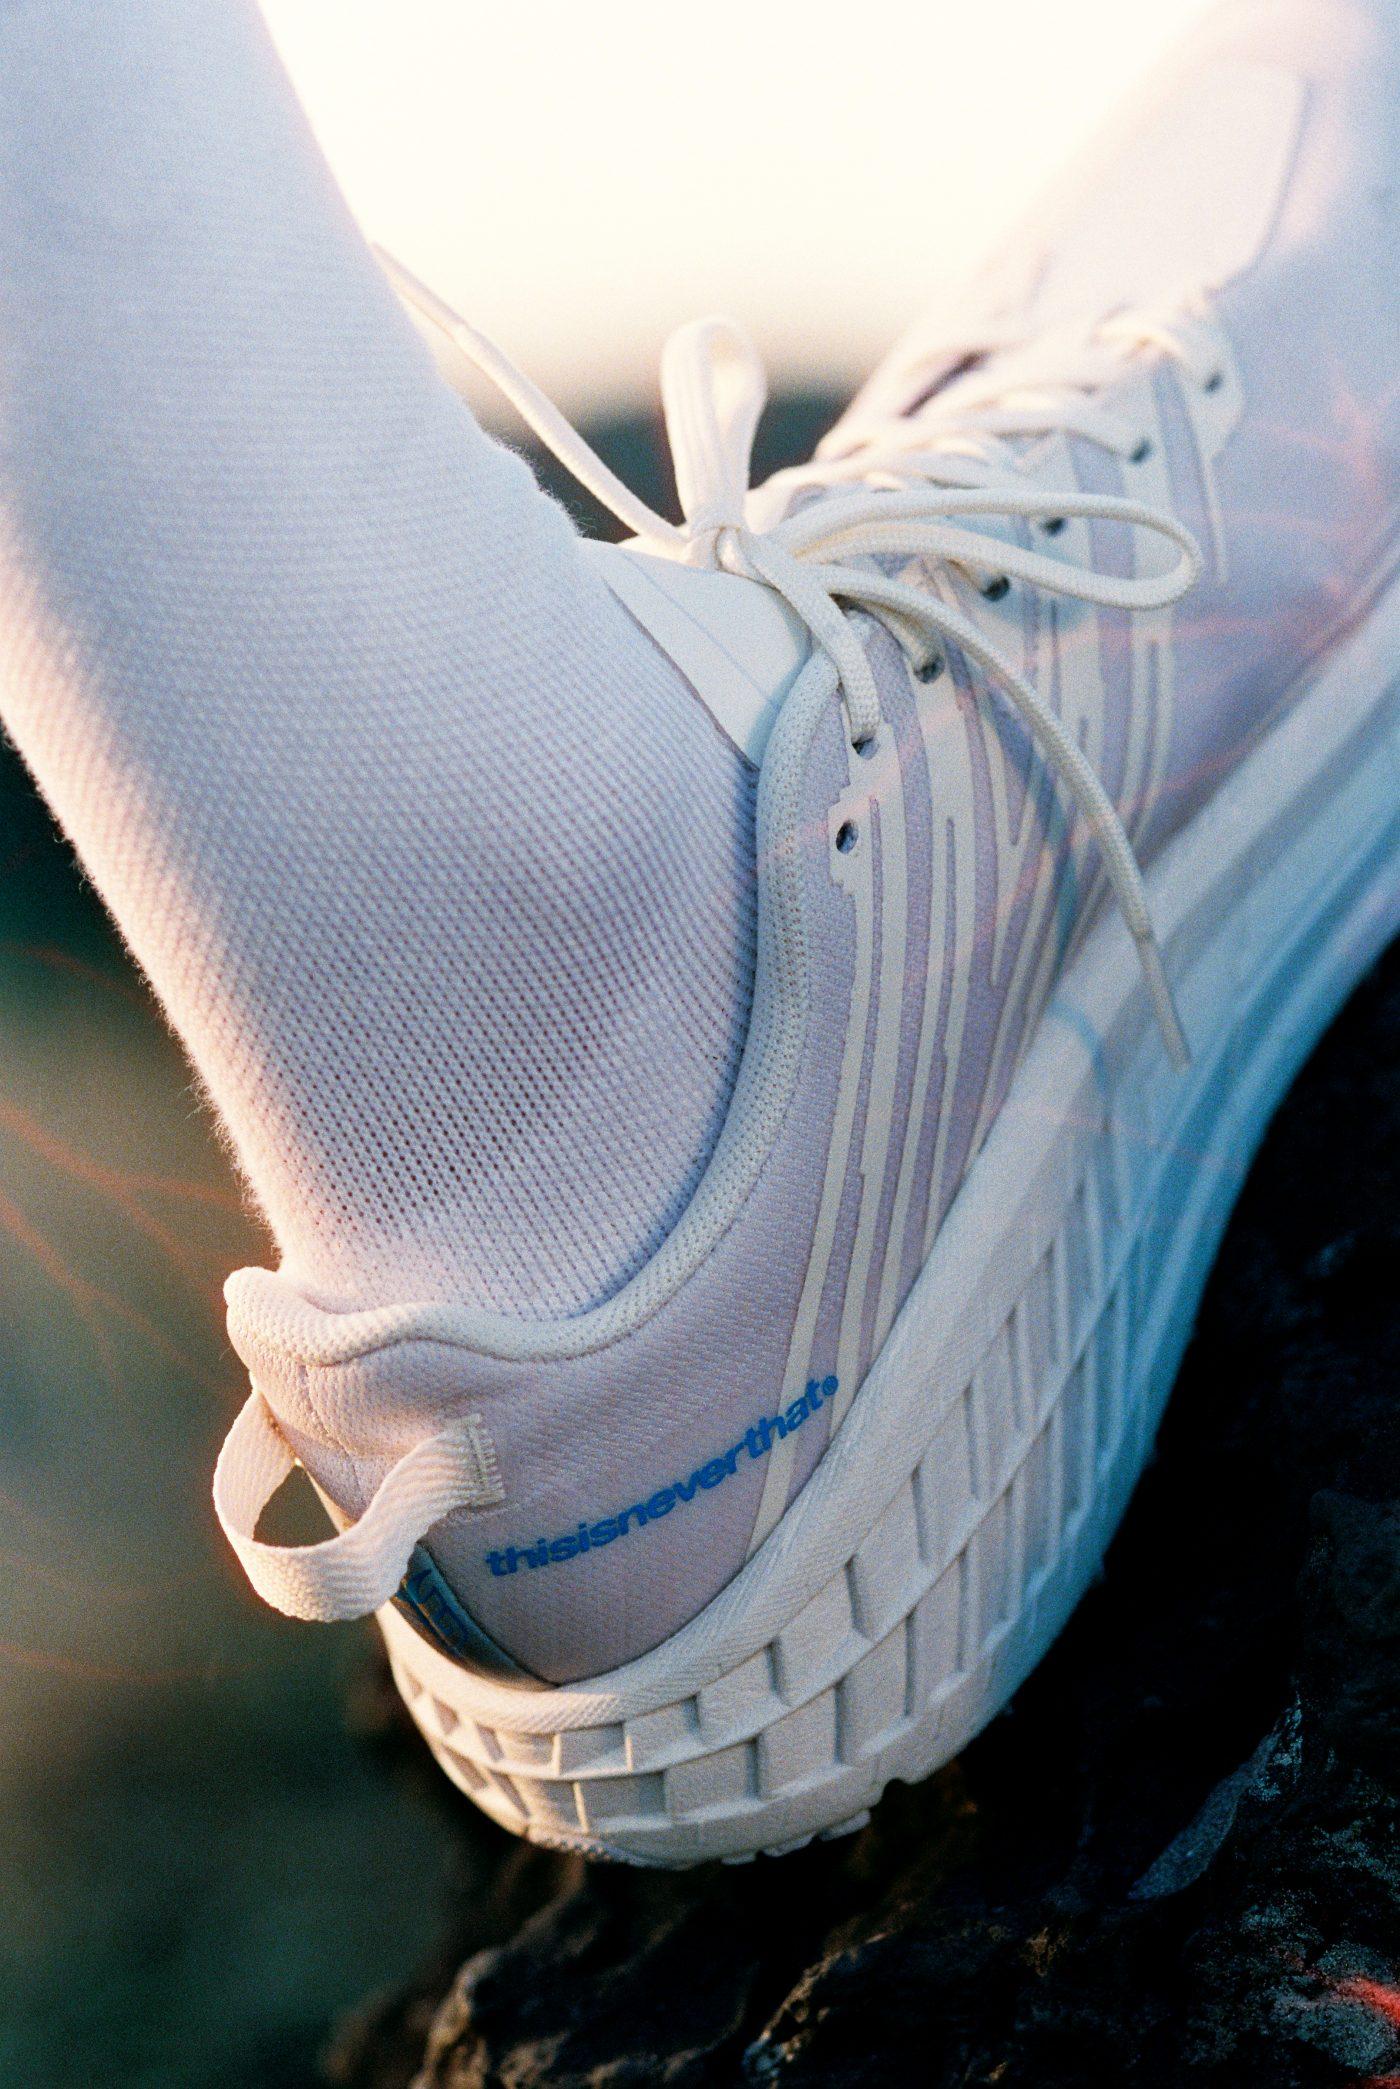 hoka-thisisneverthat-speedhoat-4-trail-running-runpack-7